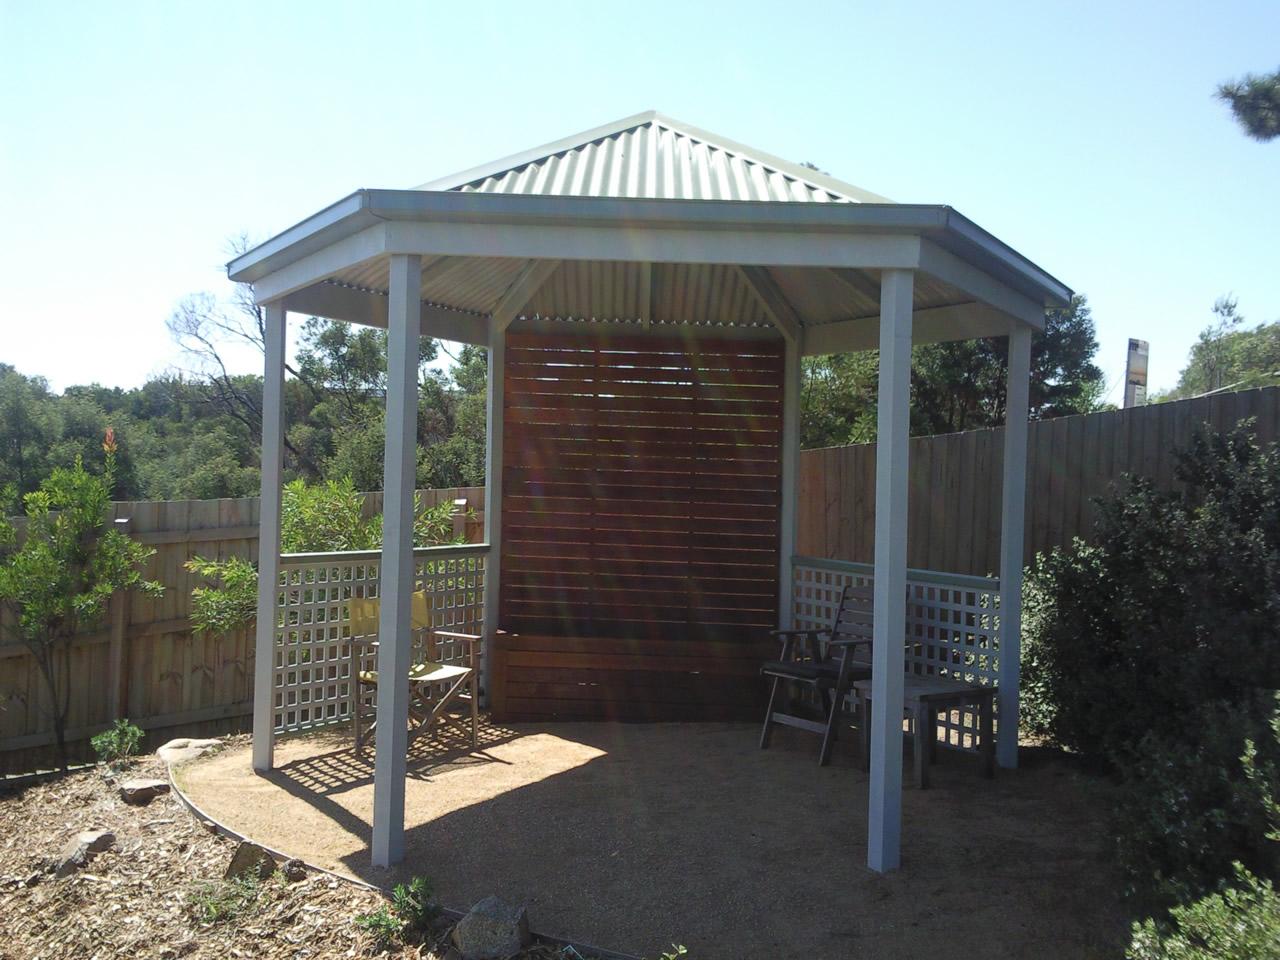 Home Renovation - Gazebo